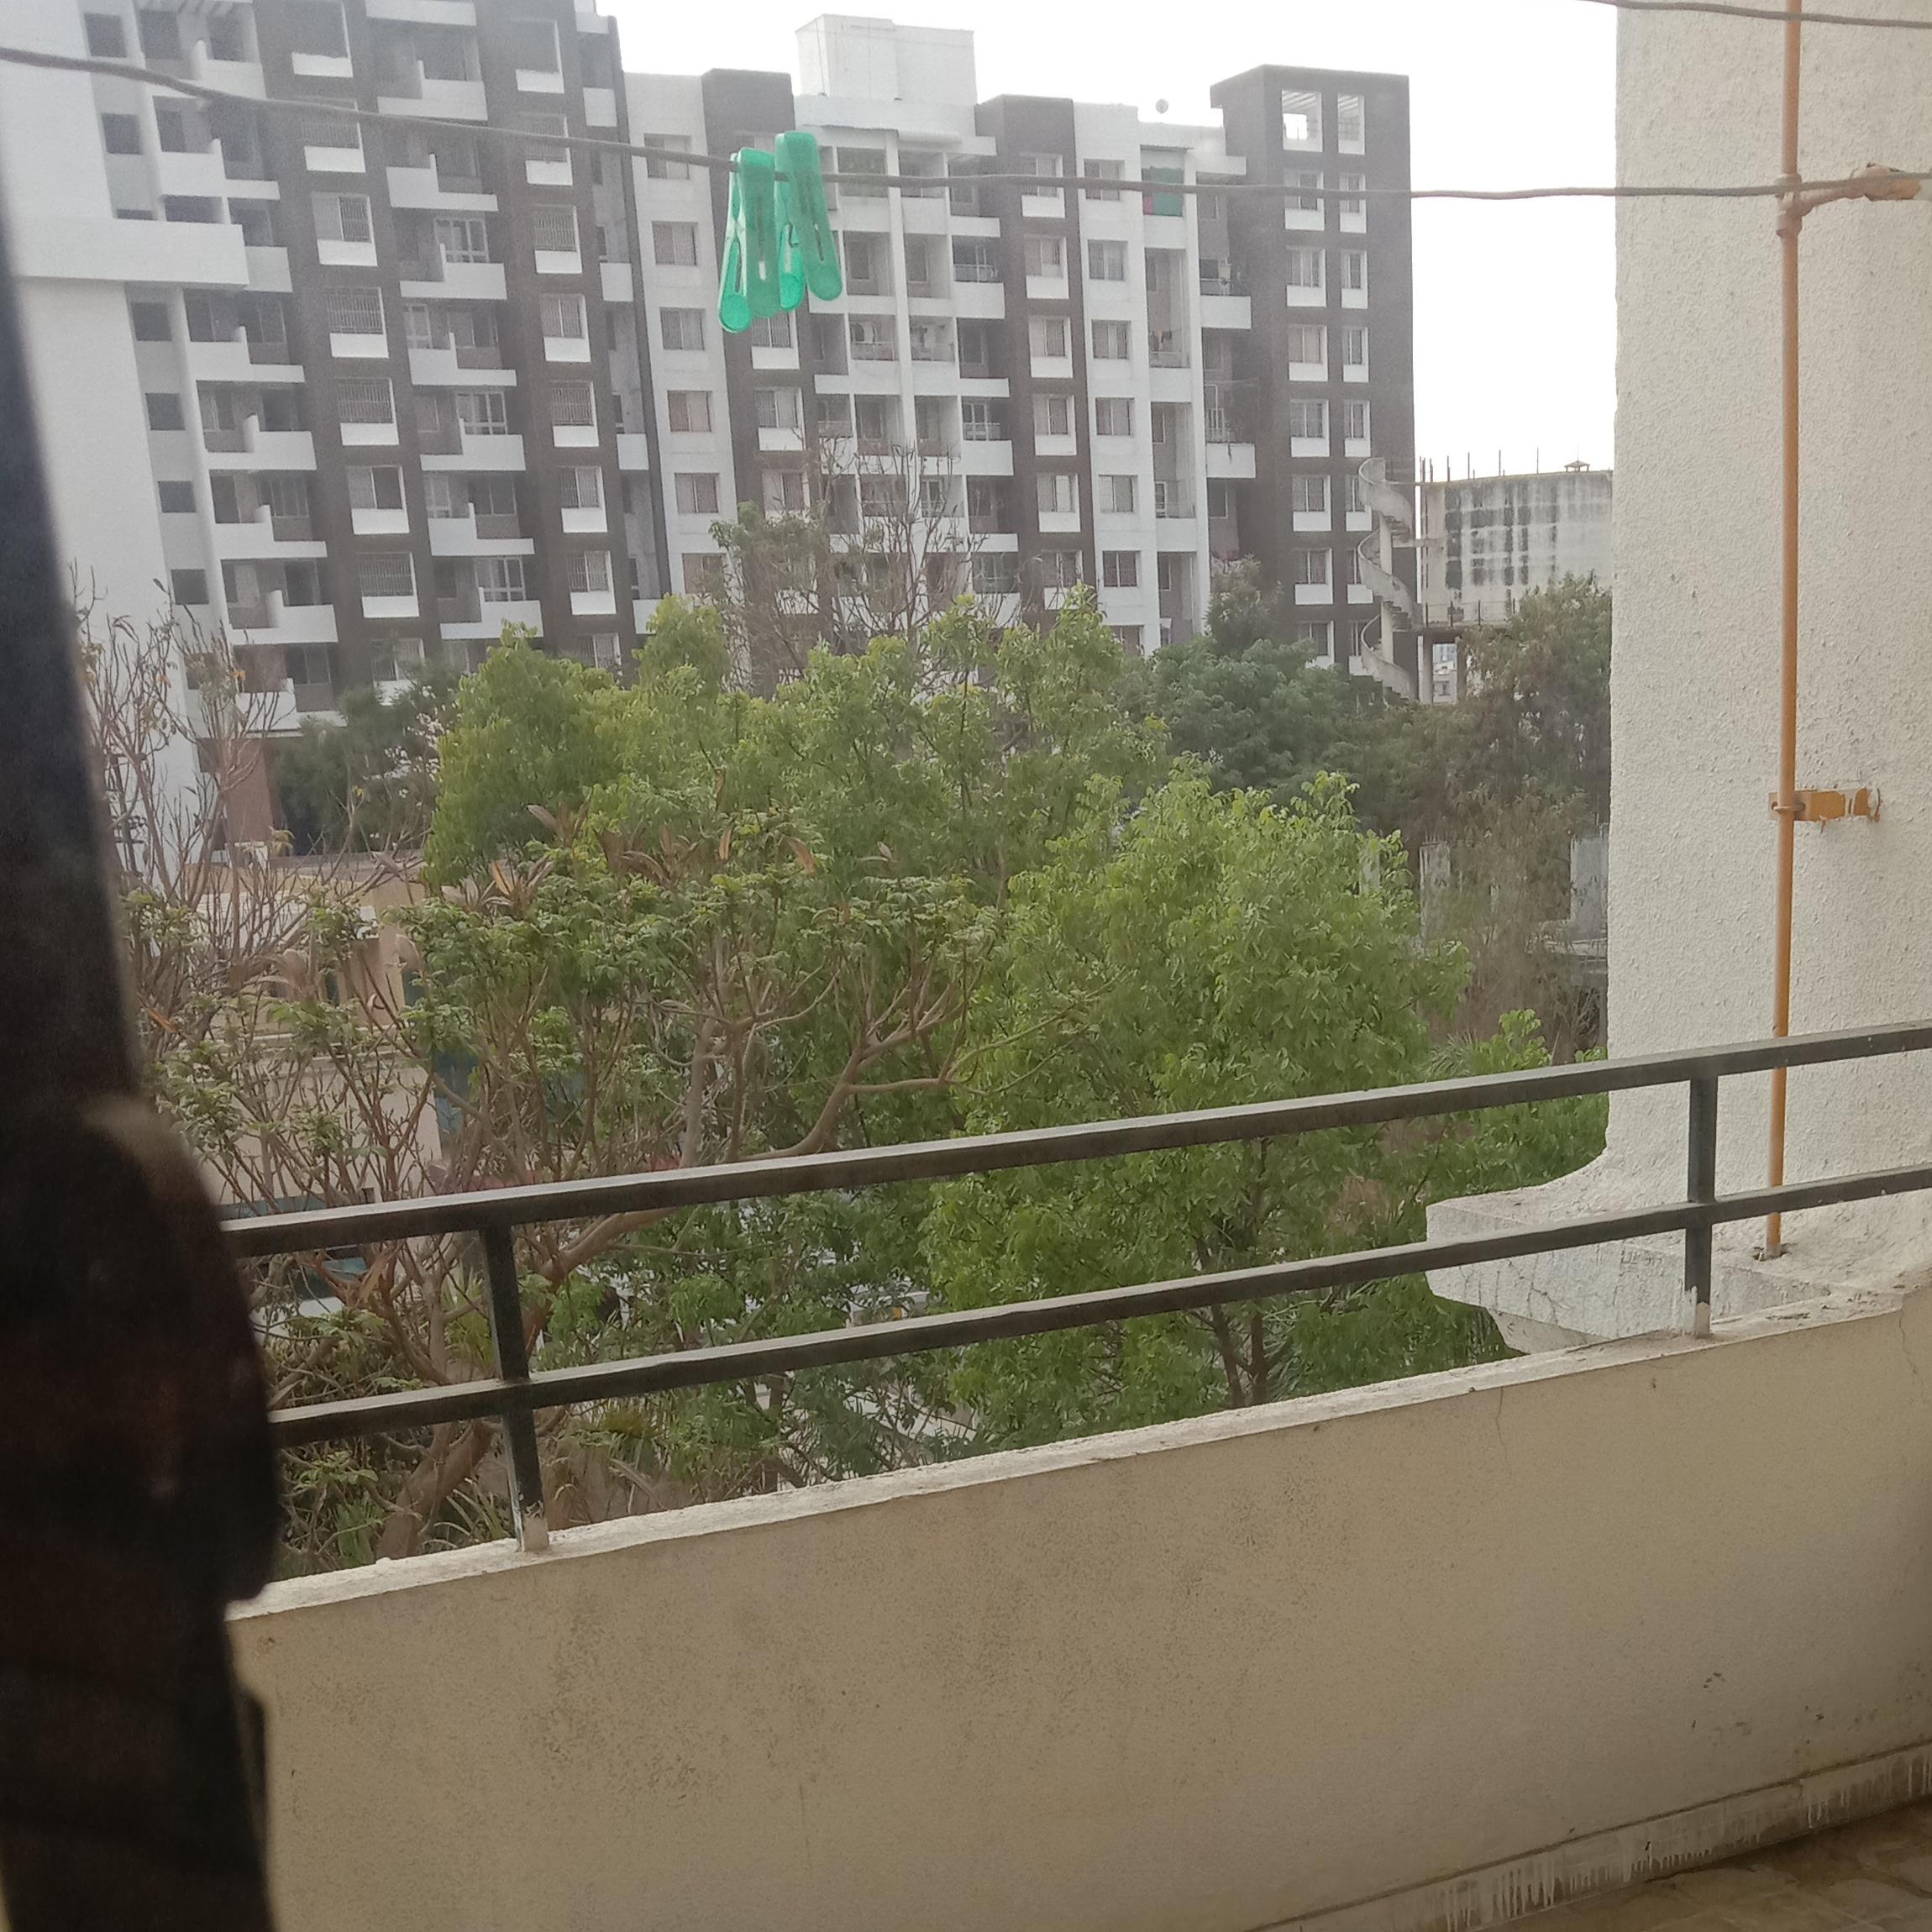 terrace-Picture-kothari-tingre-the-village-2289696